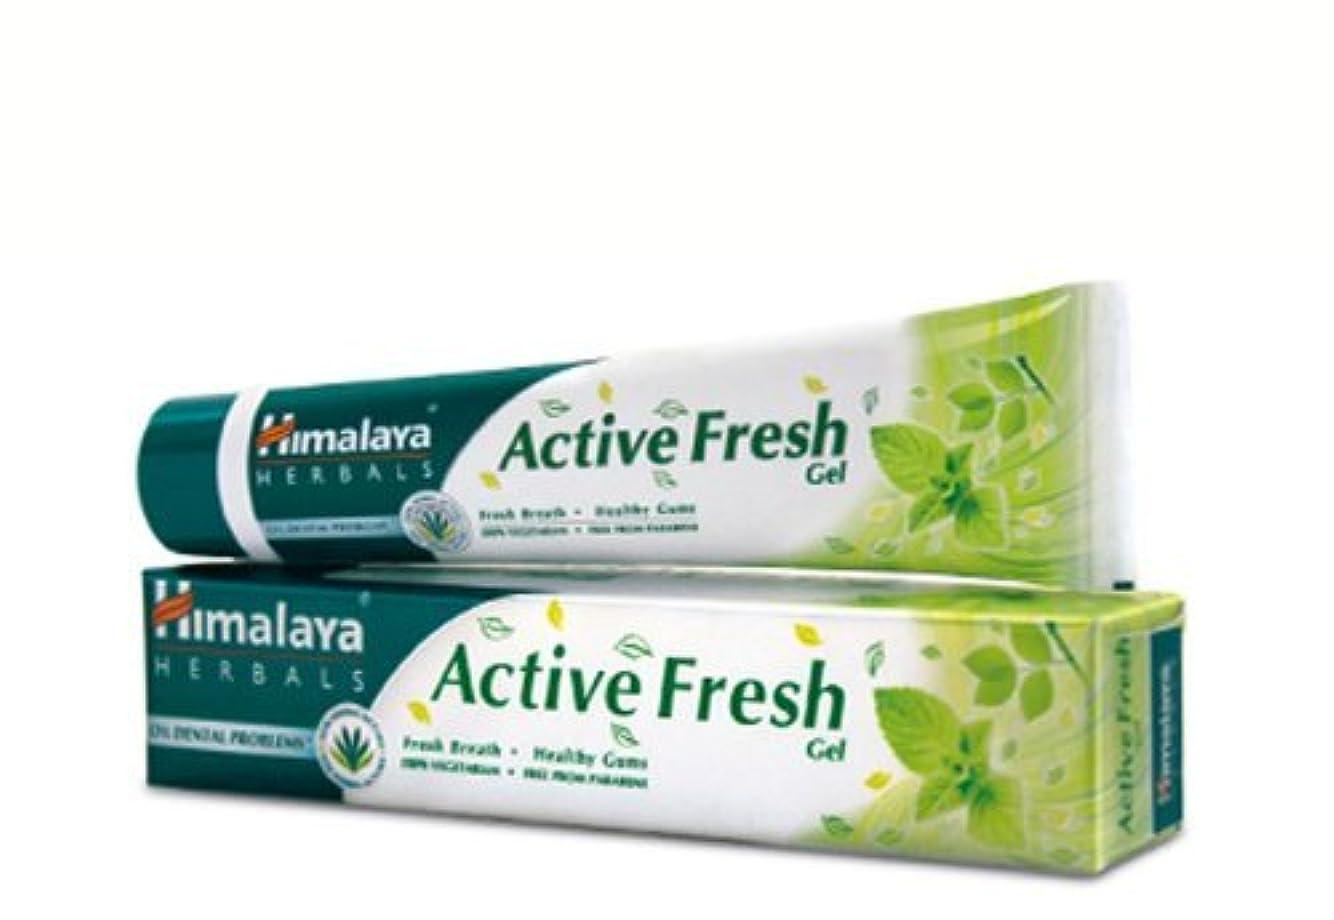 櫛チロメーターヒマラヤ トゥースペイスト アクティブ フレッシュ(歯磨き粉)80g Himalaya Active Fresh Toothpaste